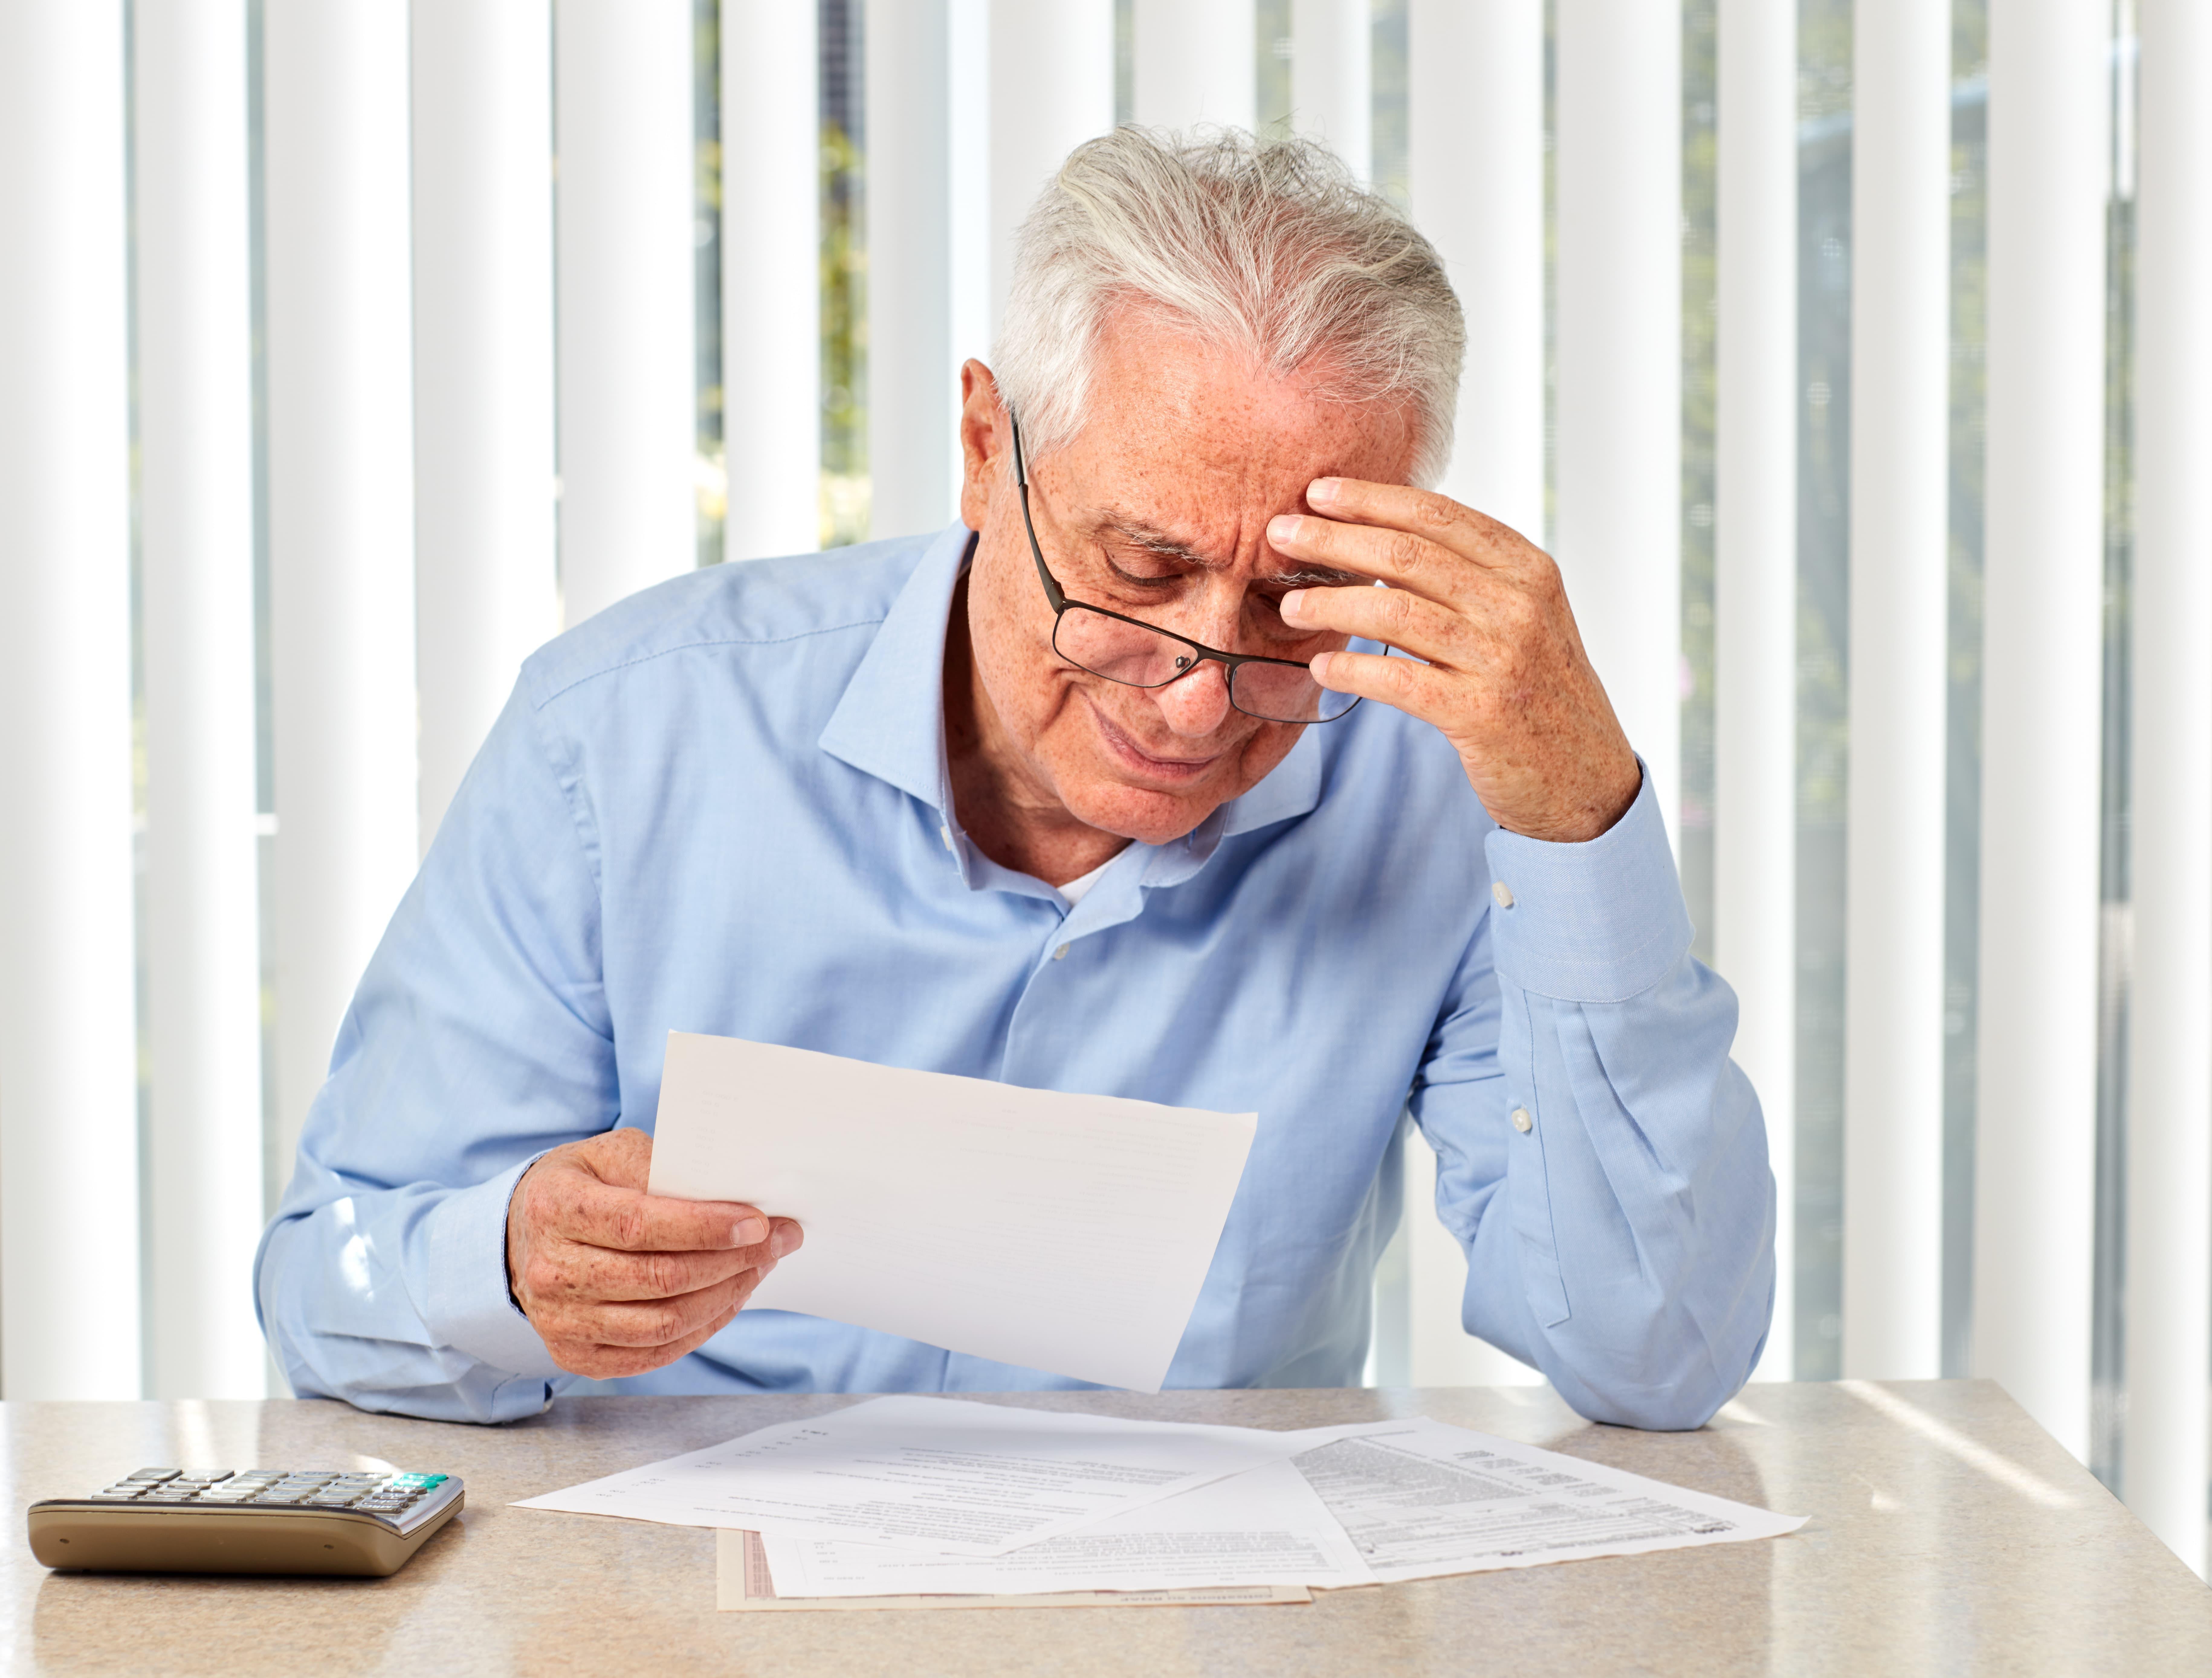 Sad old man filing for bankruptcy.